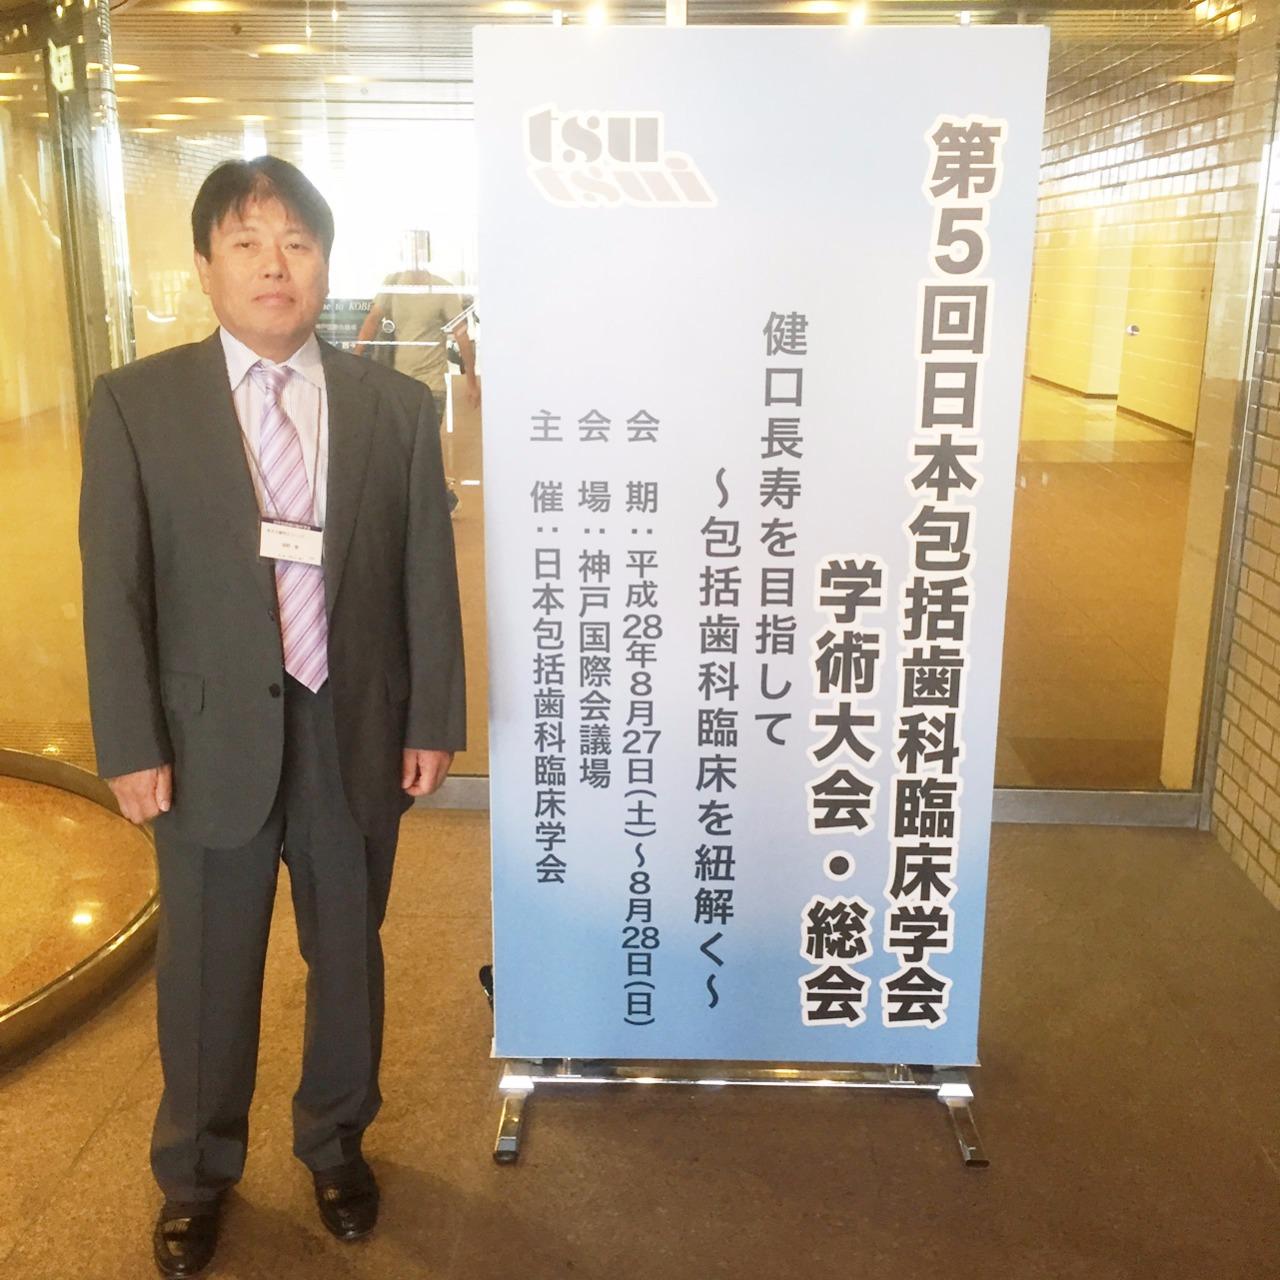 第5回日本包括歯科臨床学会 学術大会・総会(兵庫県神戸市)